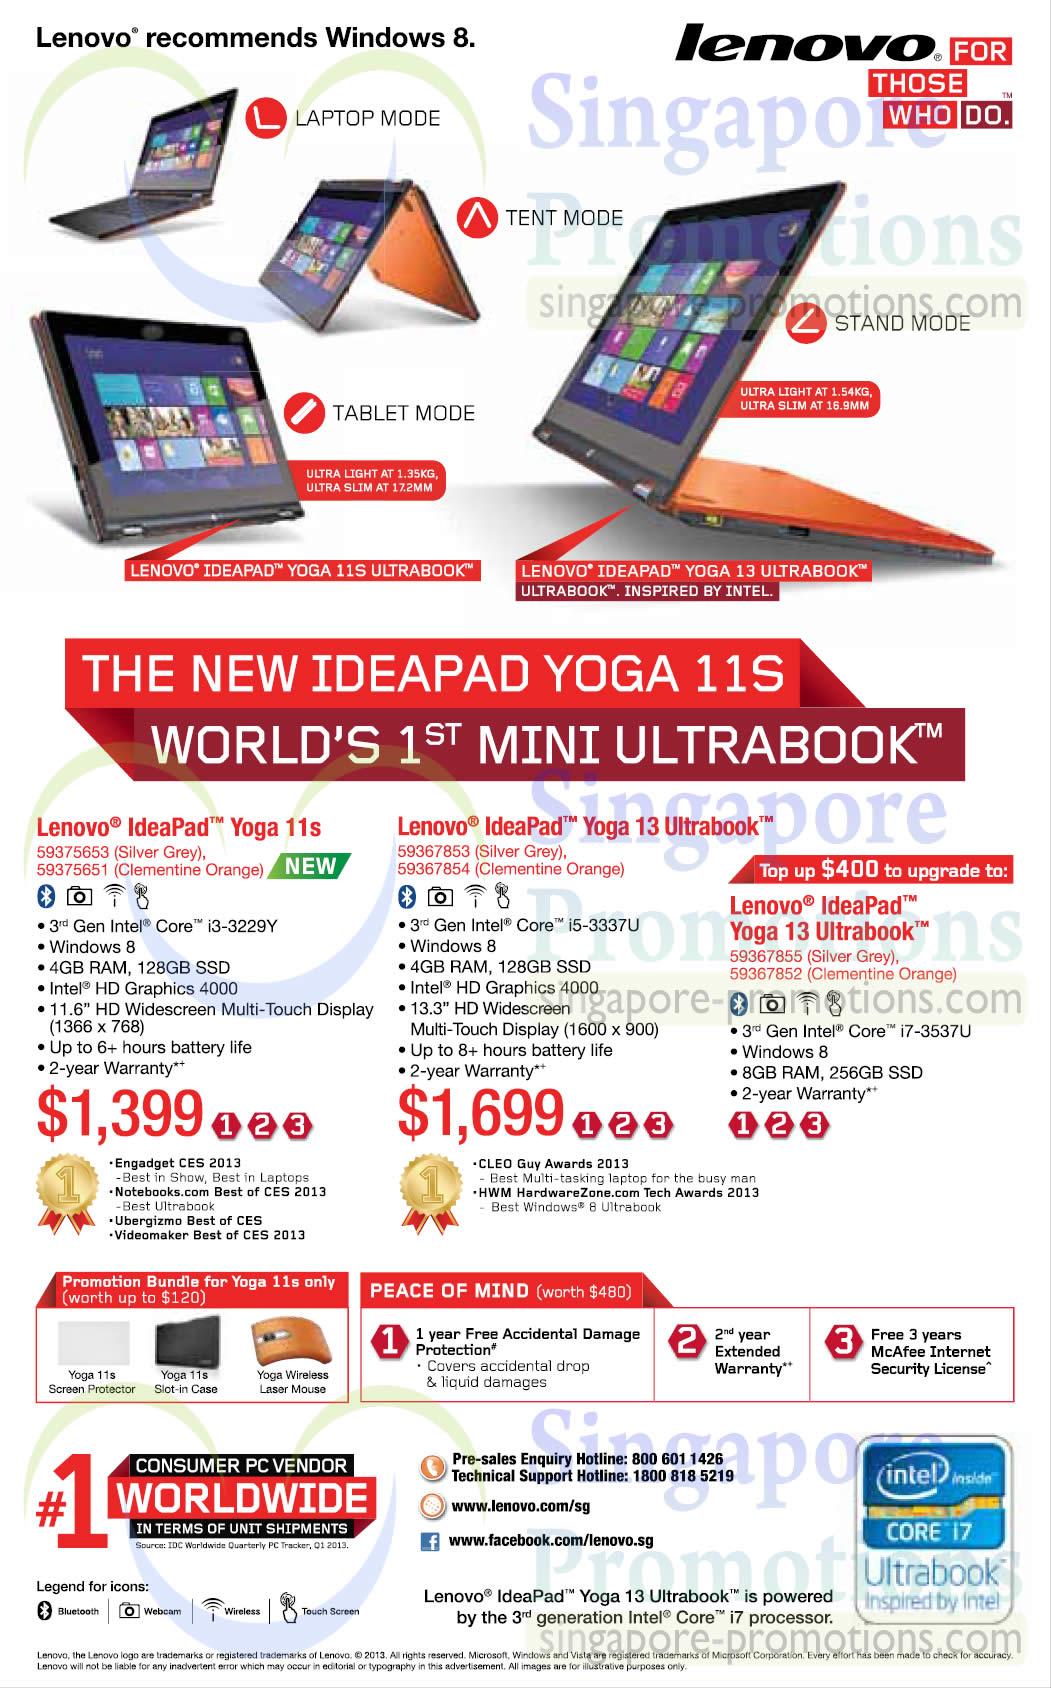 Lenovo IdeaPad Yoga 11s Notebook, Lenovo IdeaPad Yoga 13 Notebook